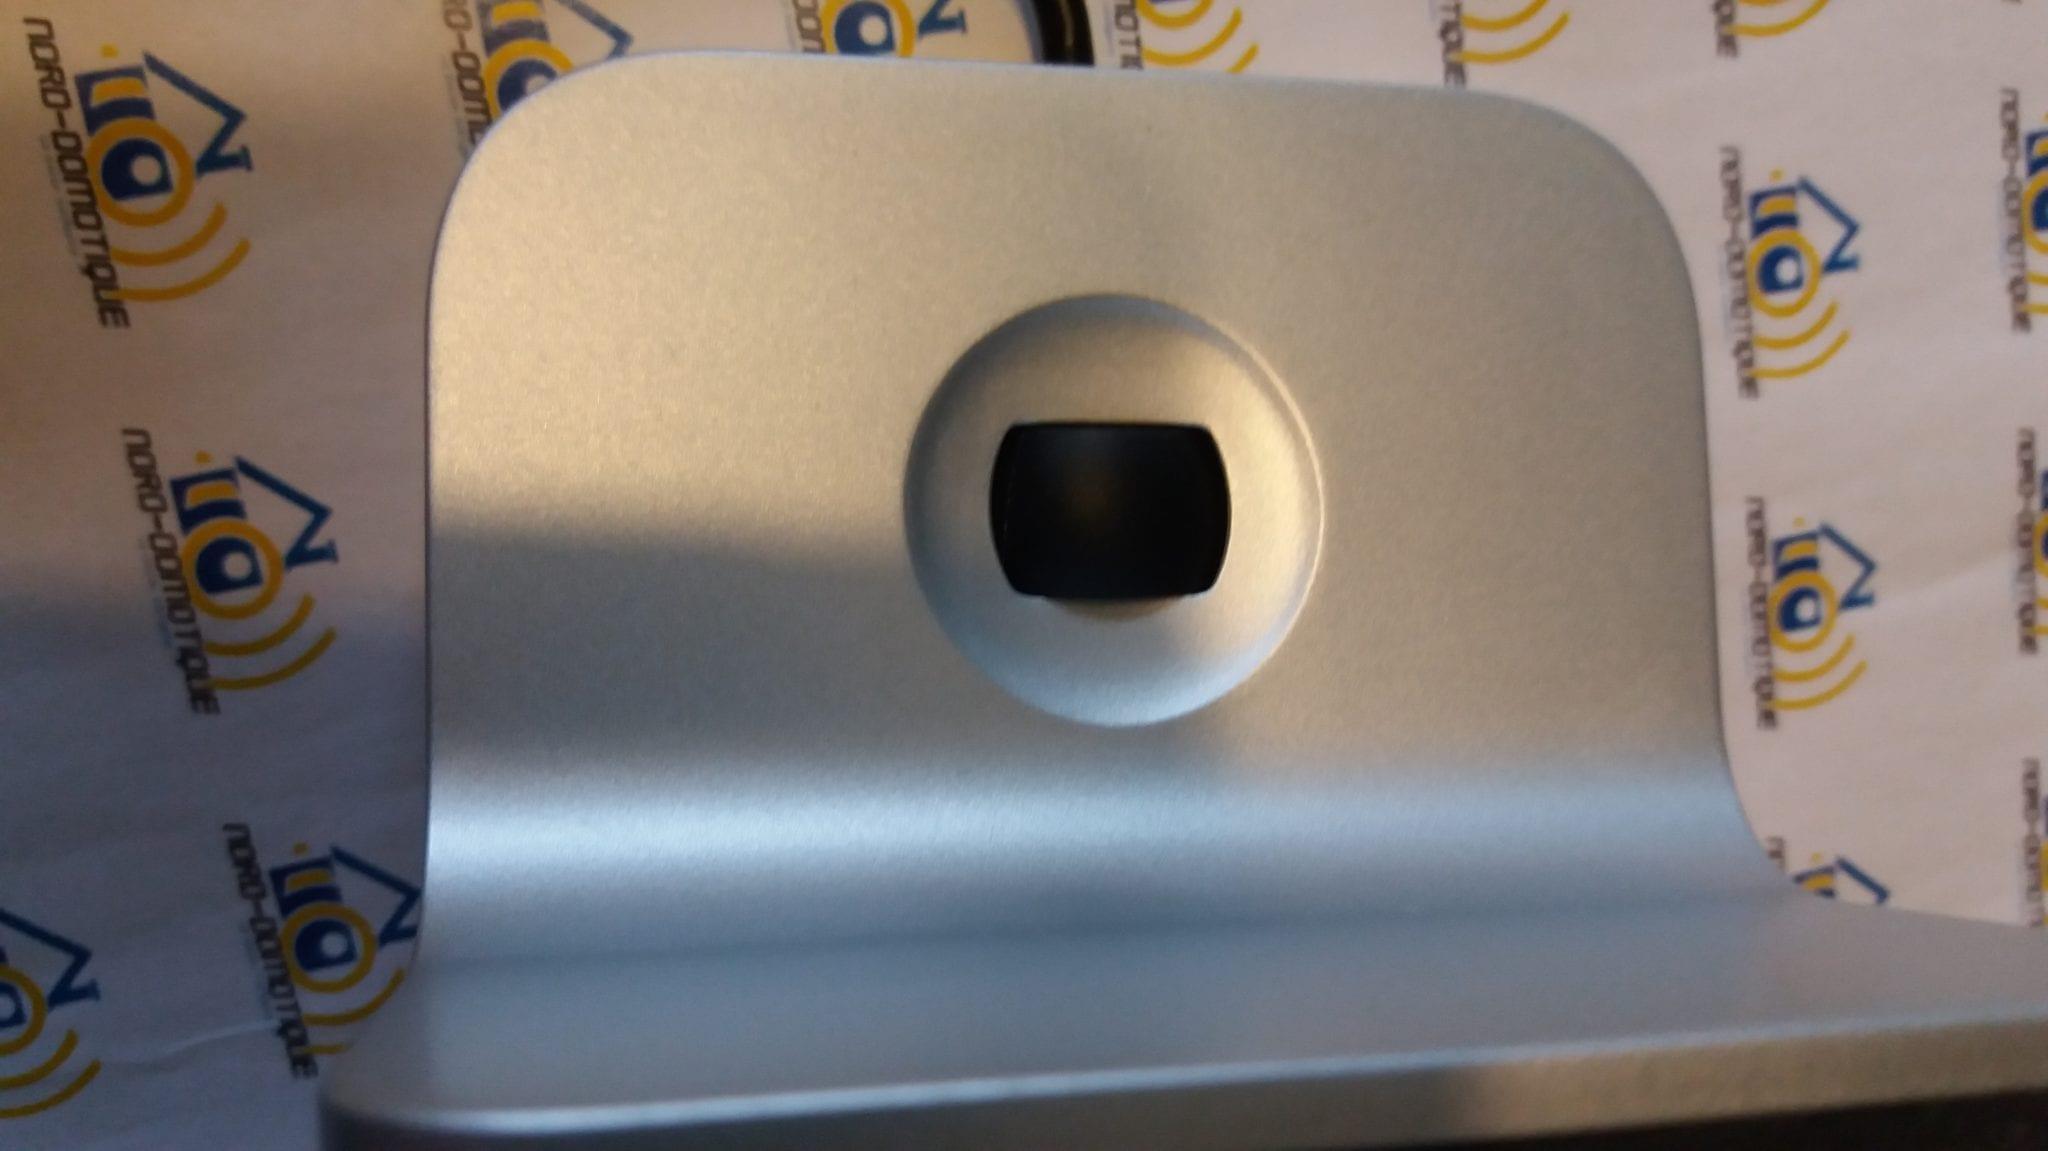 06-1 Test du dock universel micro USB Belkin PowerHouse XL